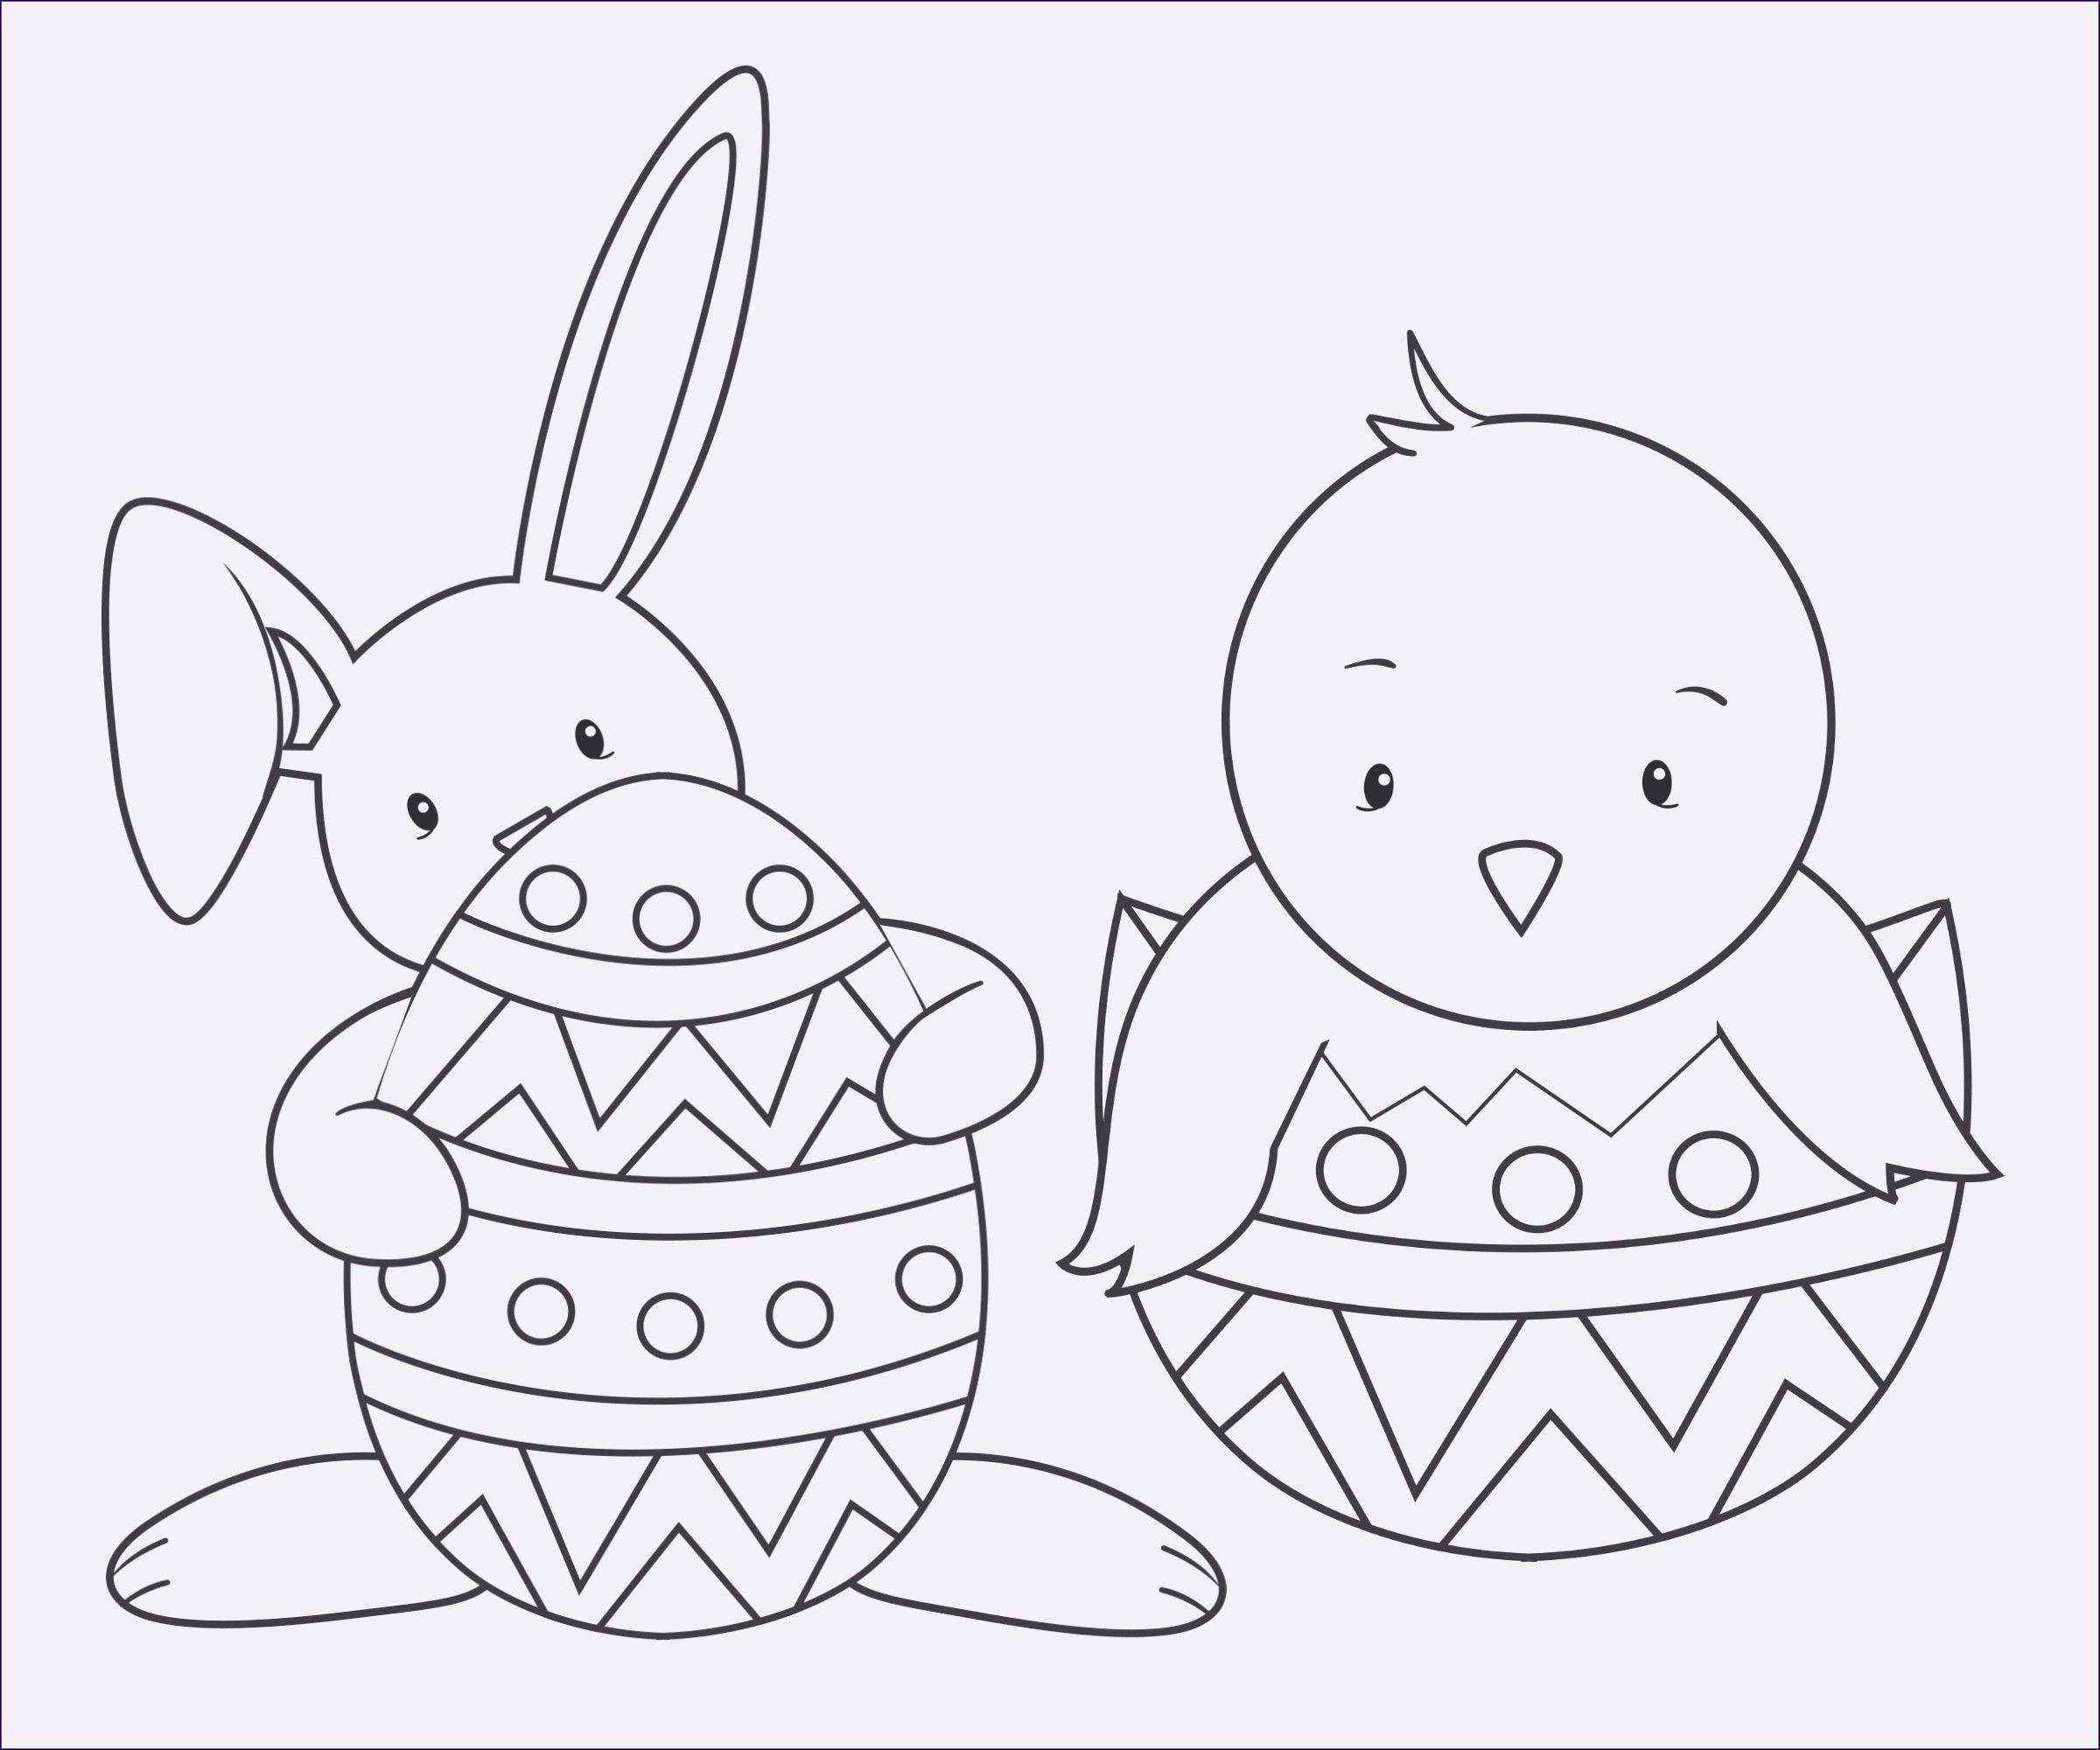 Ausmalbilder Ostern Hase Frisch Ausmalbilder Ostern Kostenlos Ausdrucken Neu Ostern Ausmalbilder Bild